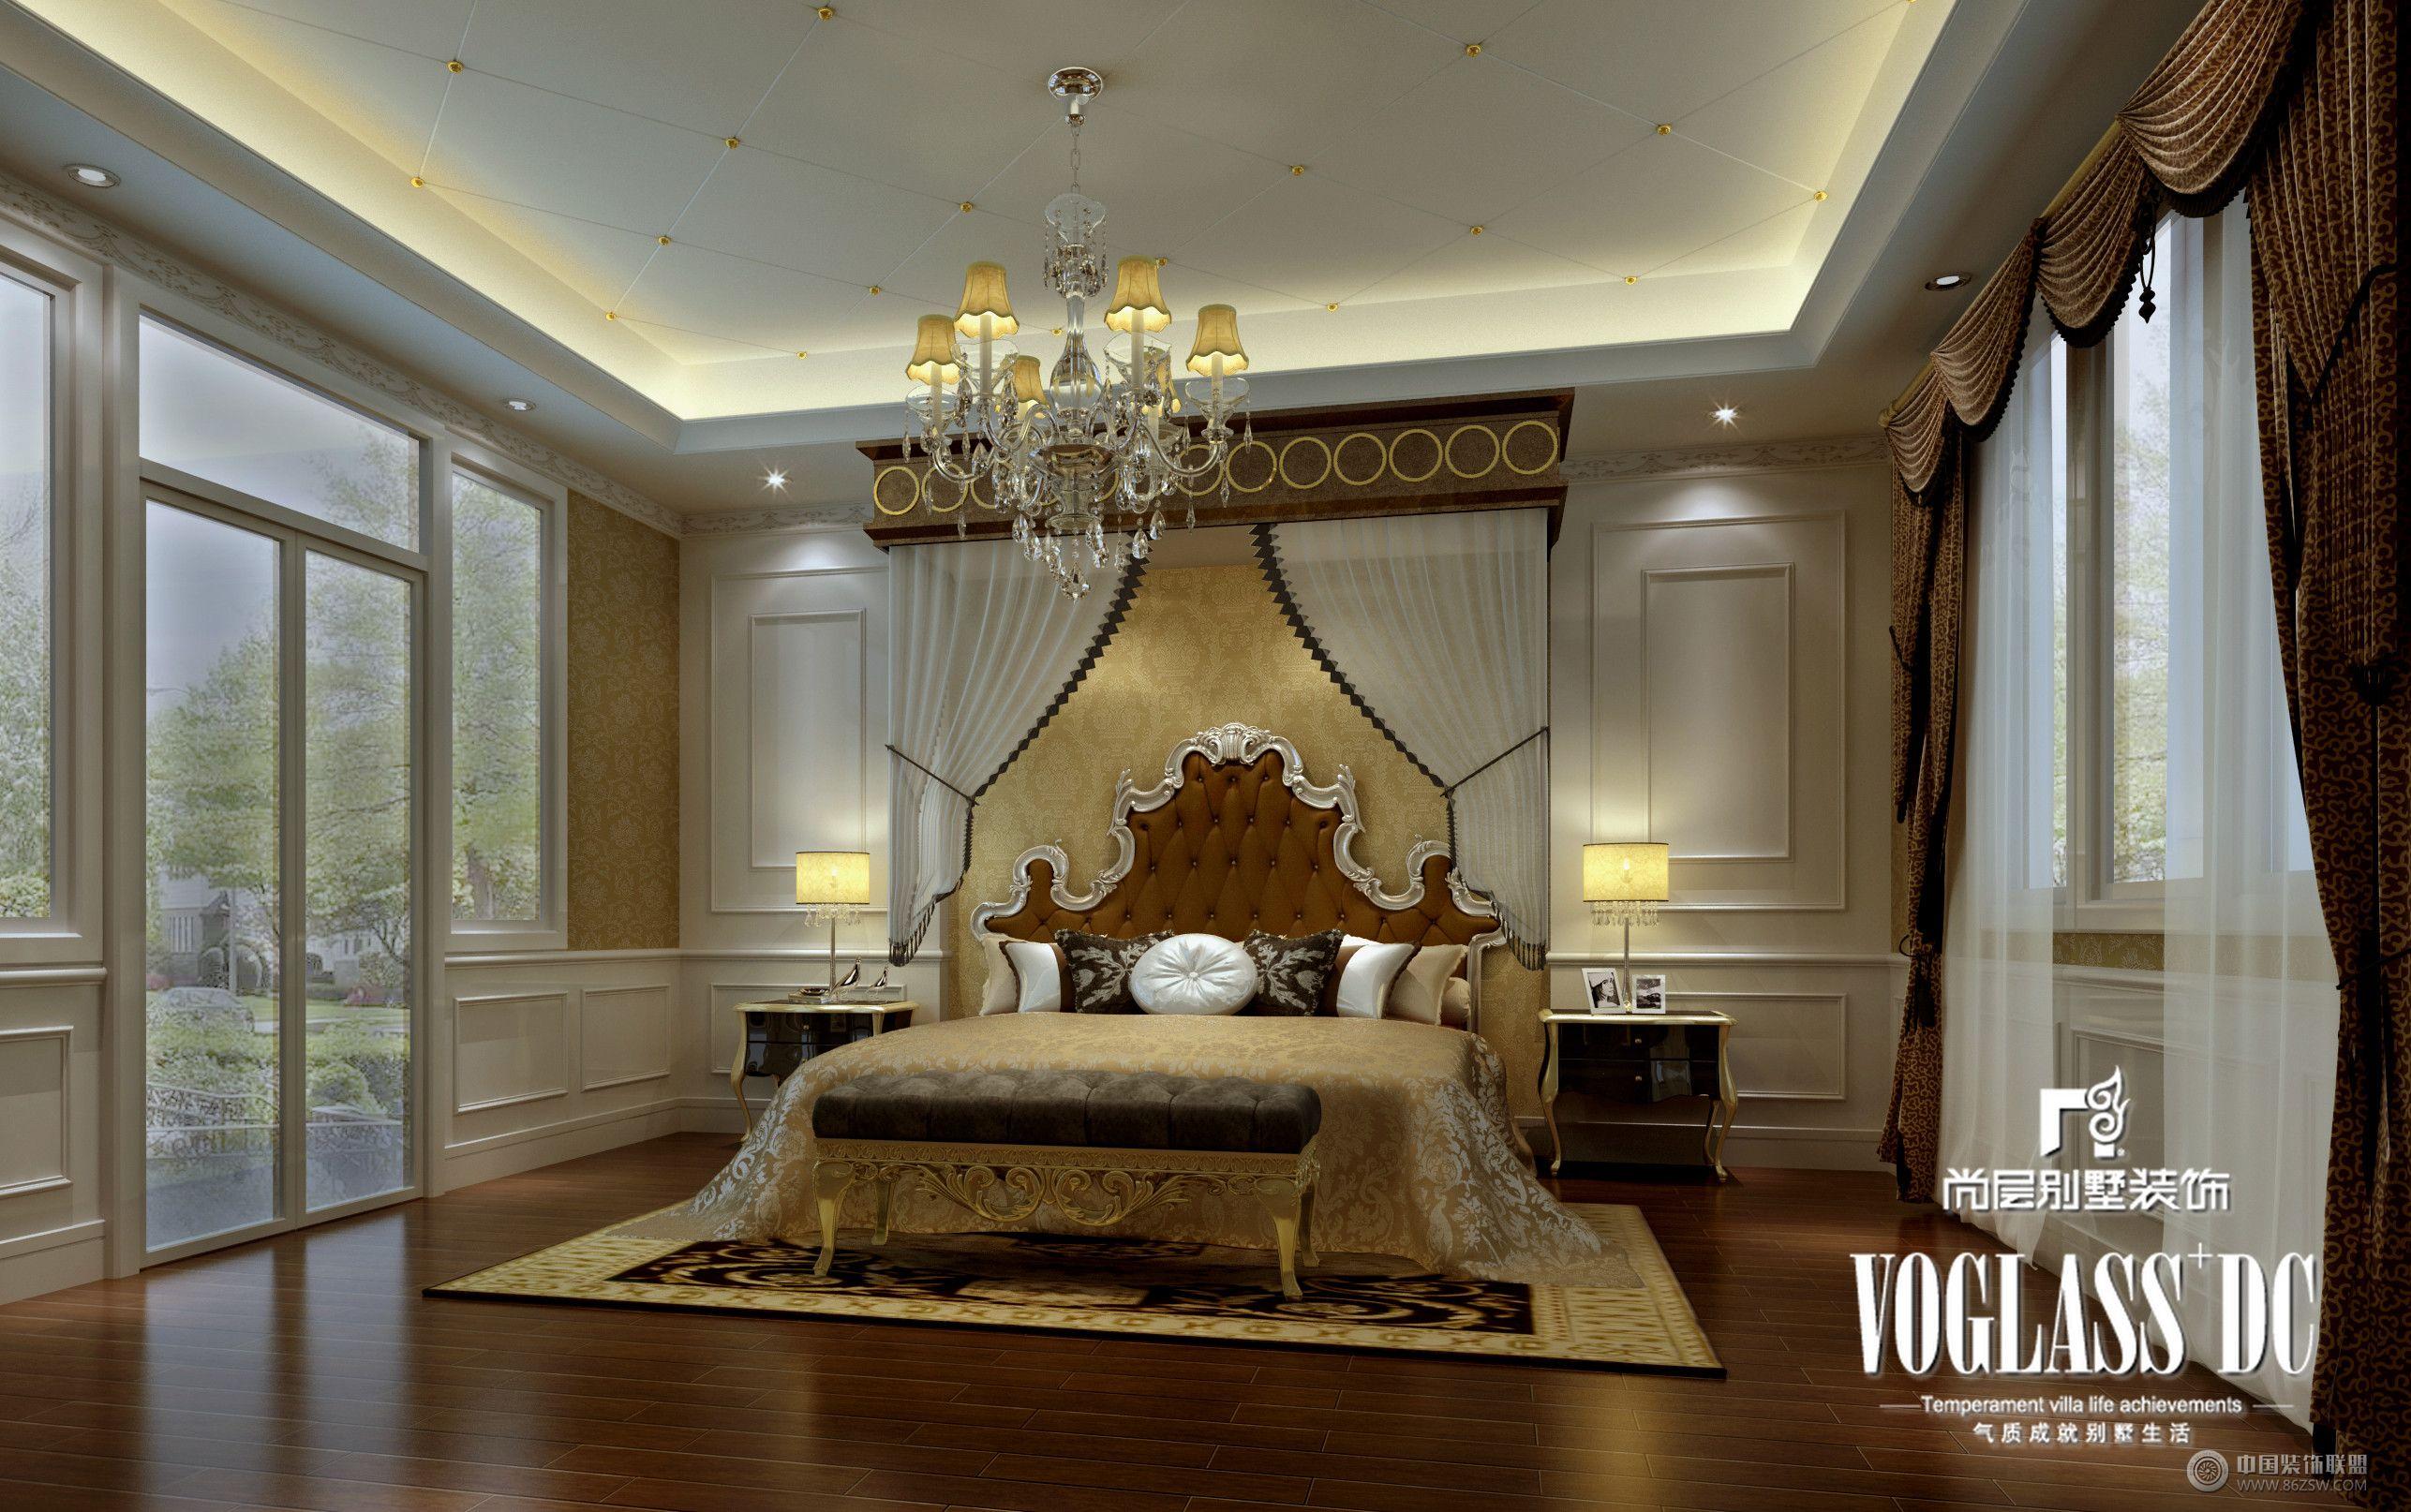 八六 中国 装饰联盟装修效果图库 -长桥郡美式风格设计图片 卧室装修